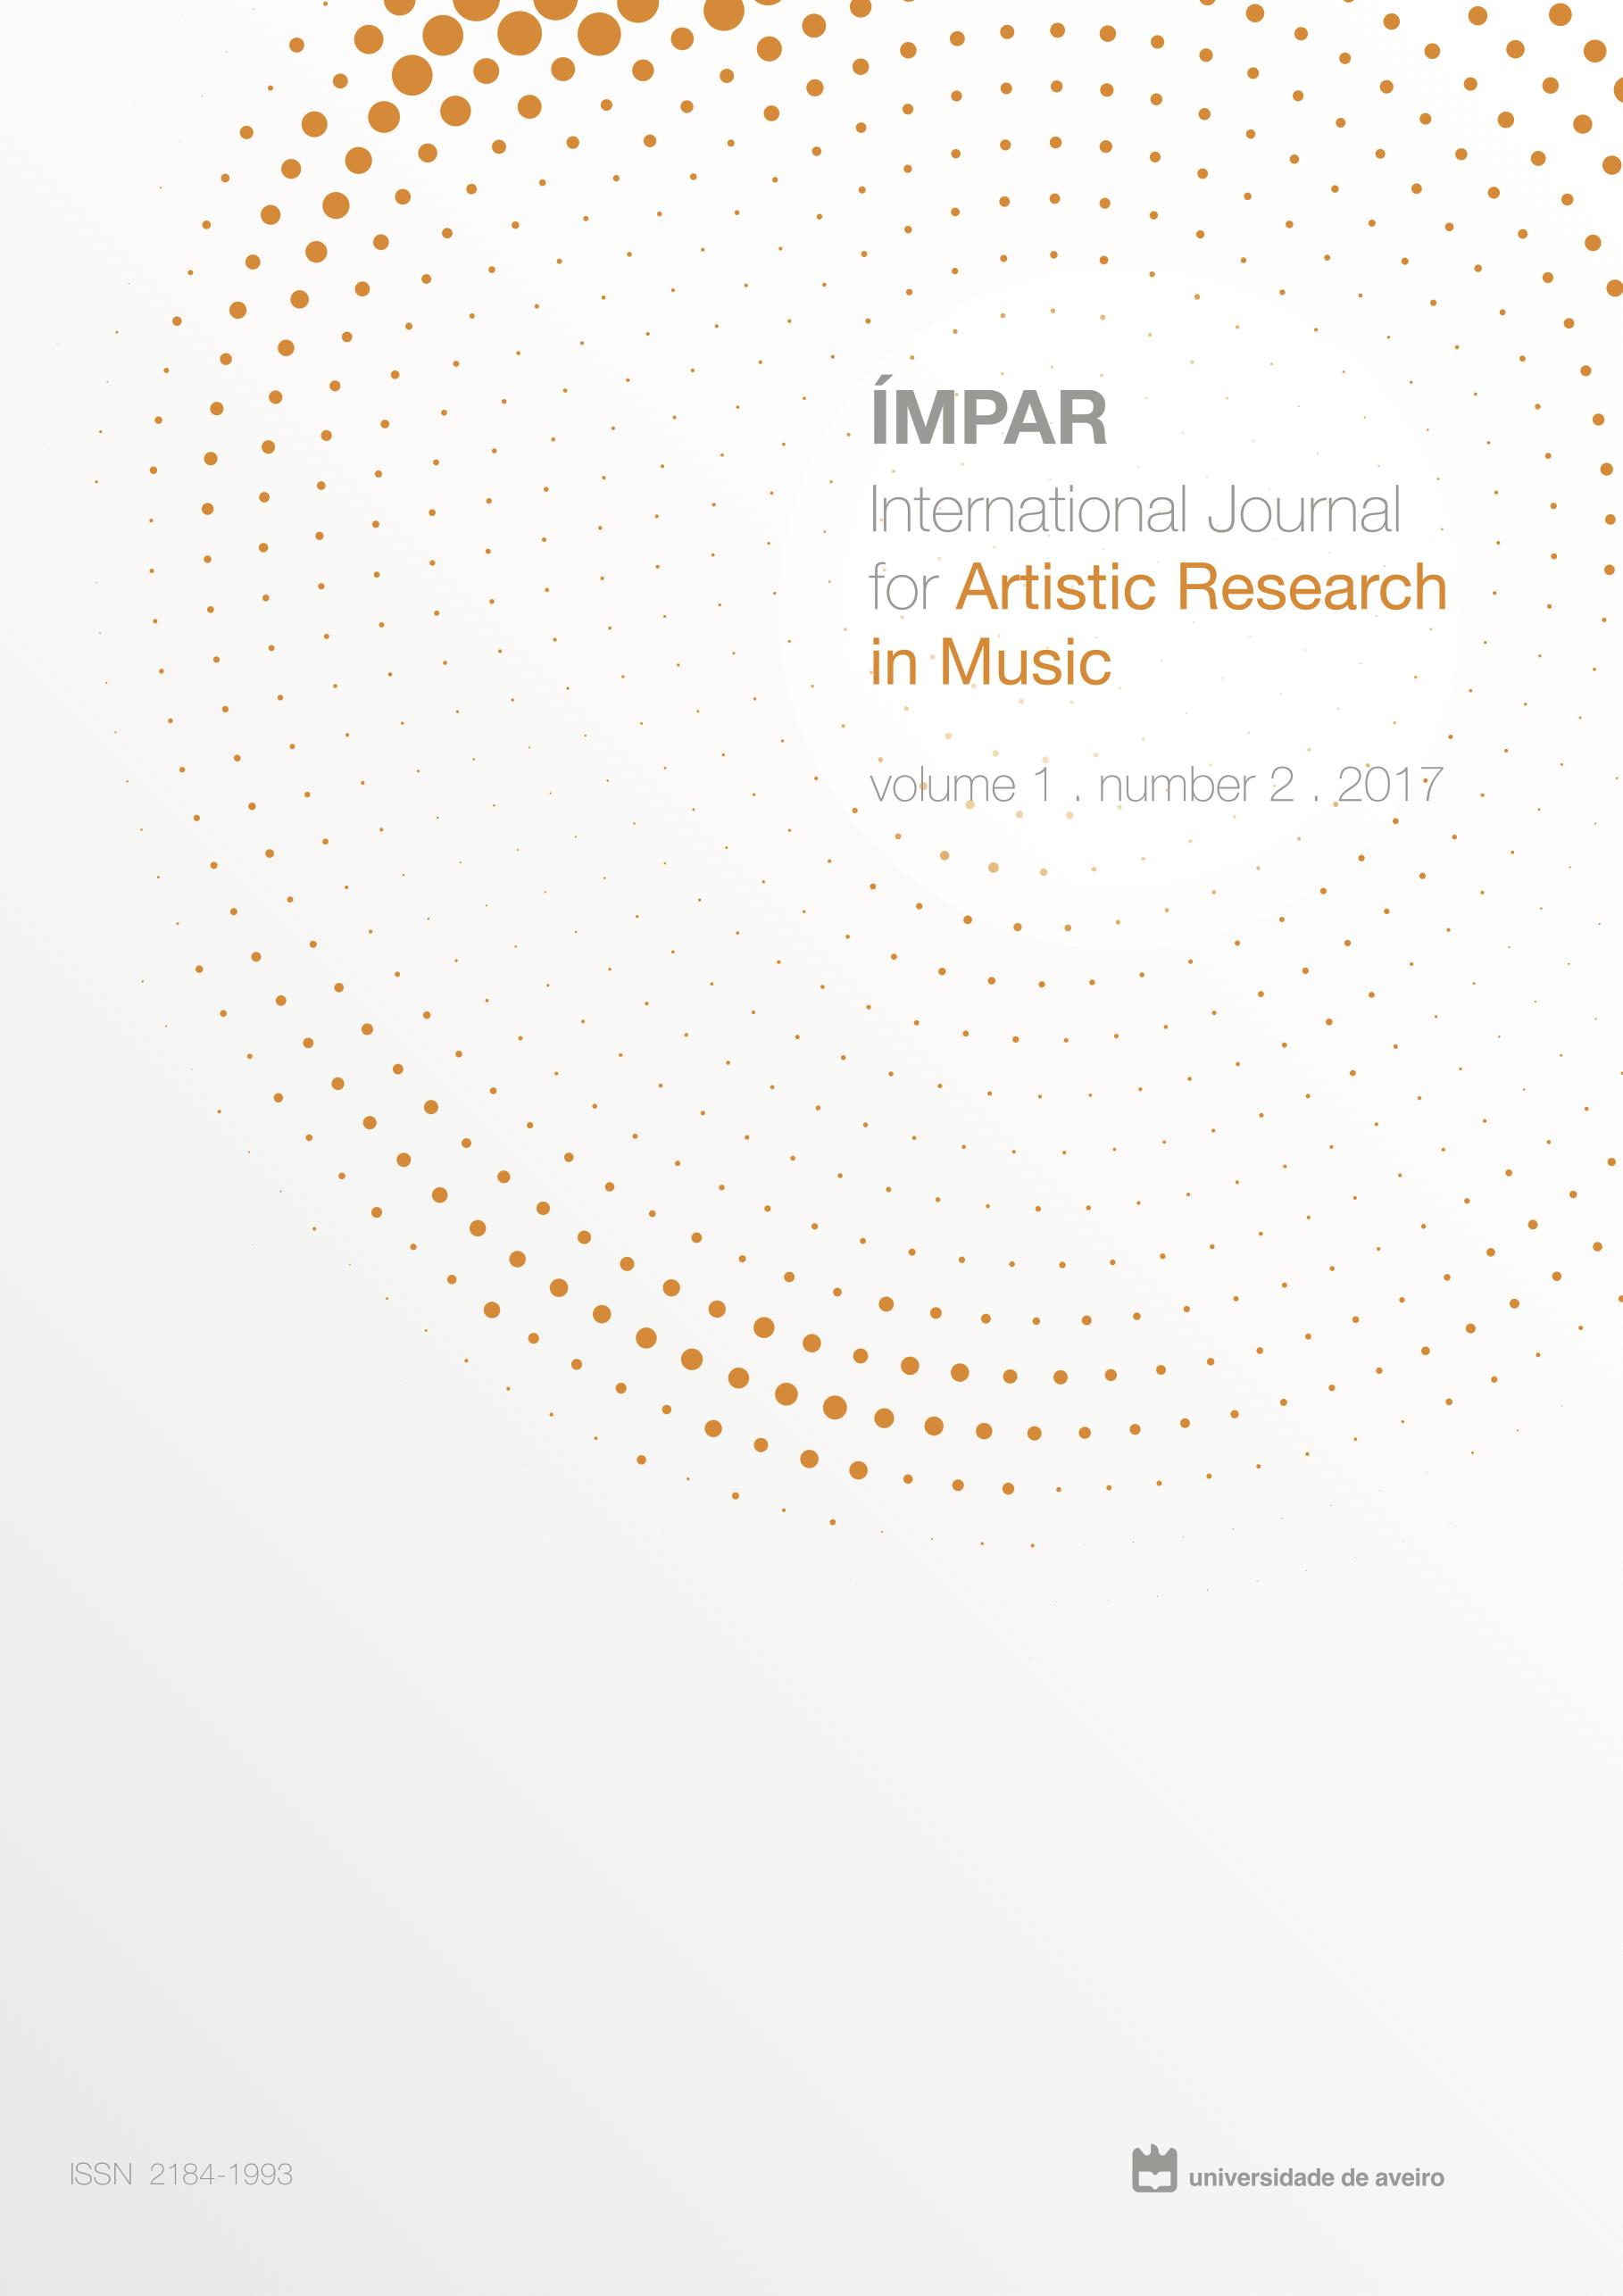 Imagem da capa do vol.1, nº2 (2017) da revista IMPAR